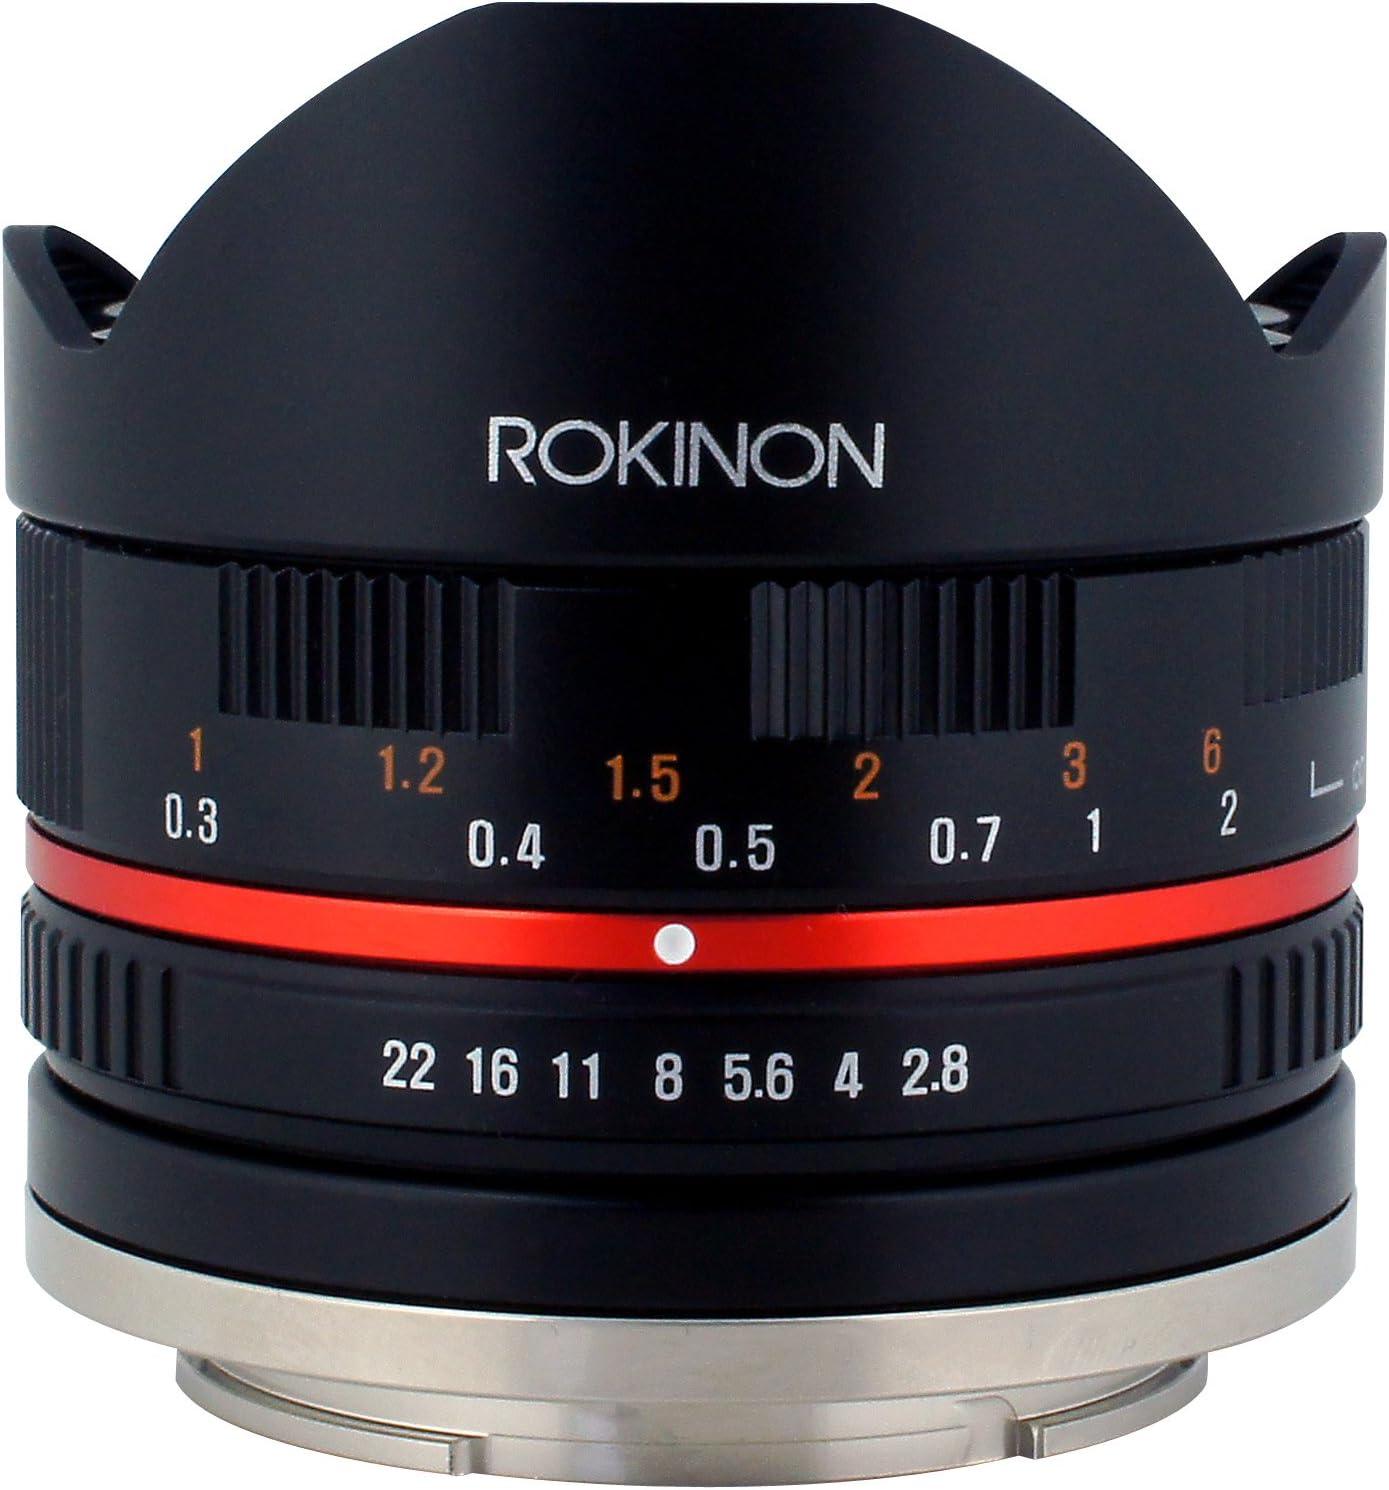 Rokinon 8 Mm F2 8 Umc Fisheye Ii Objektiv Für Fuji X Kamera